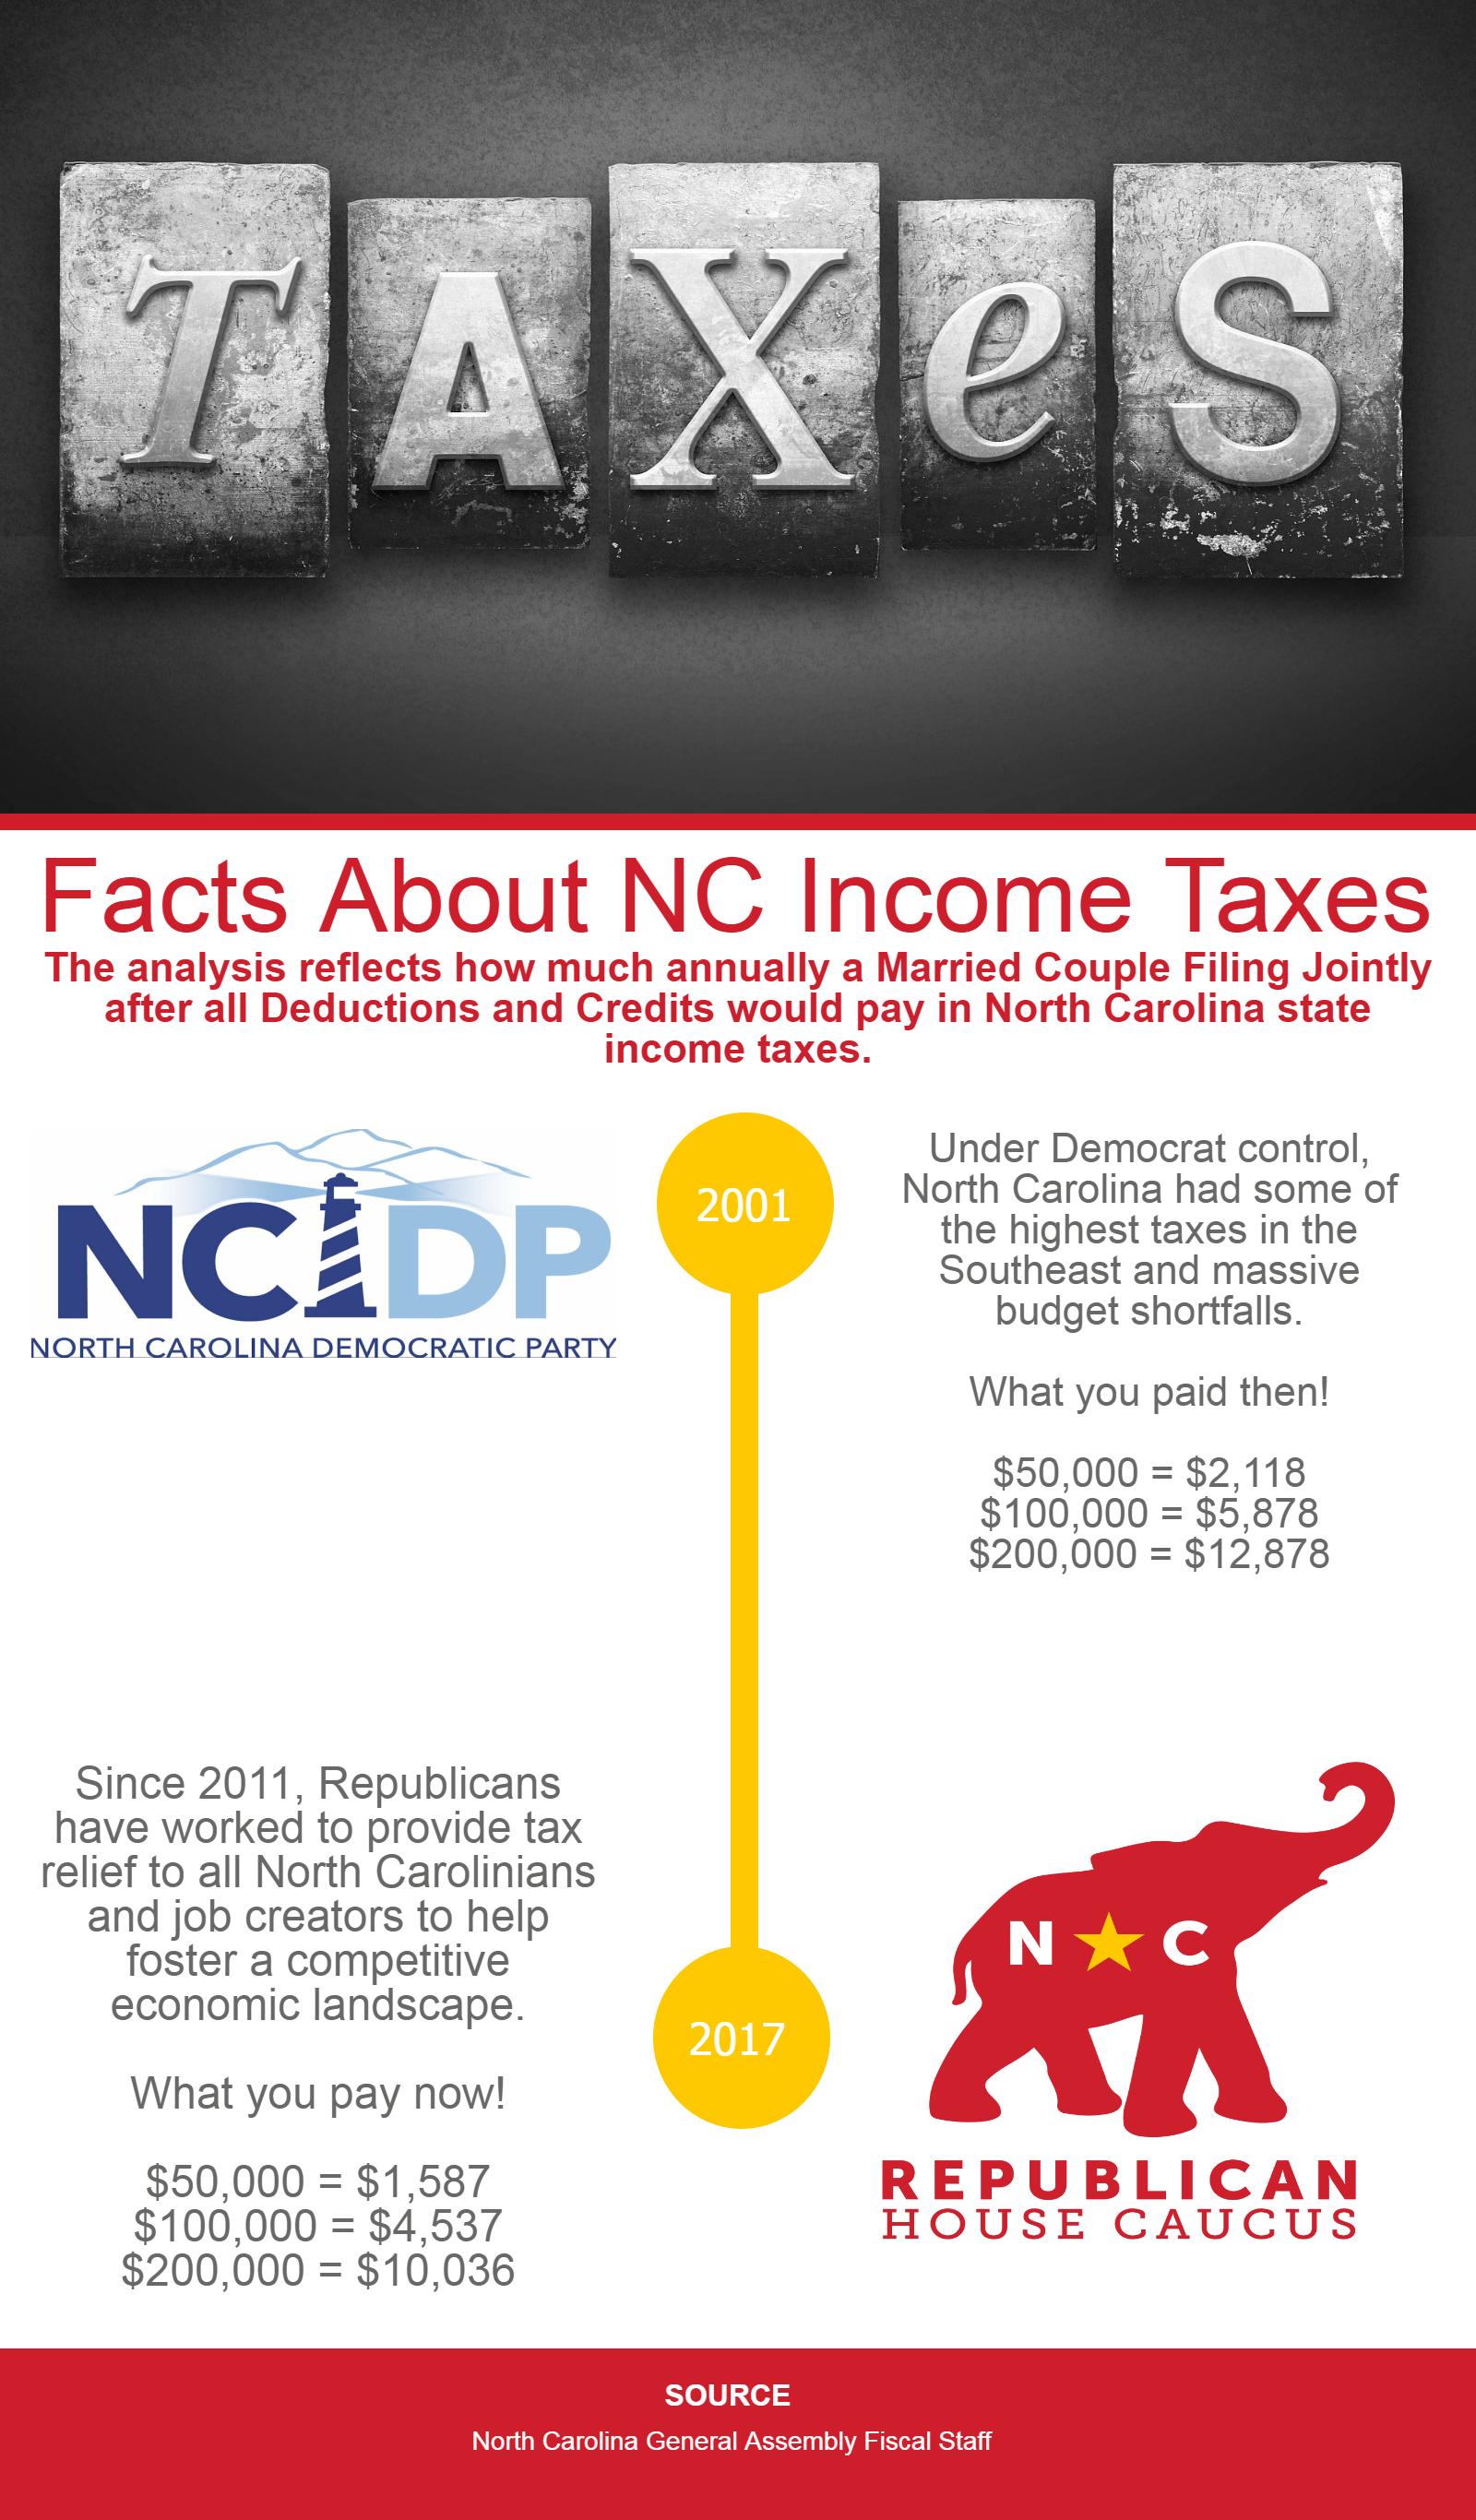 nc-taxes-timeli_23748475_2fa0b00dd745651880ec1914d6e51517ec26e11b.png